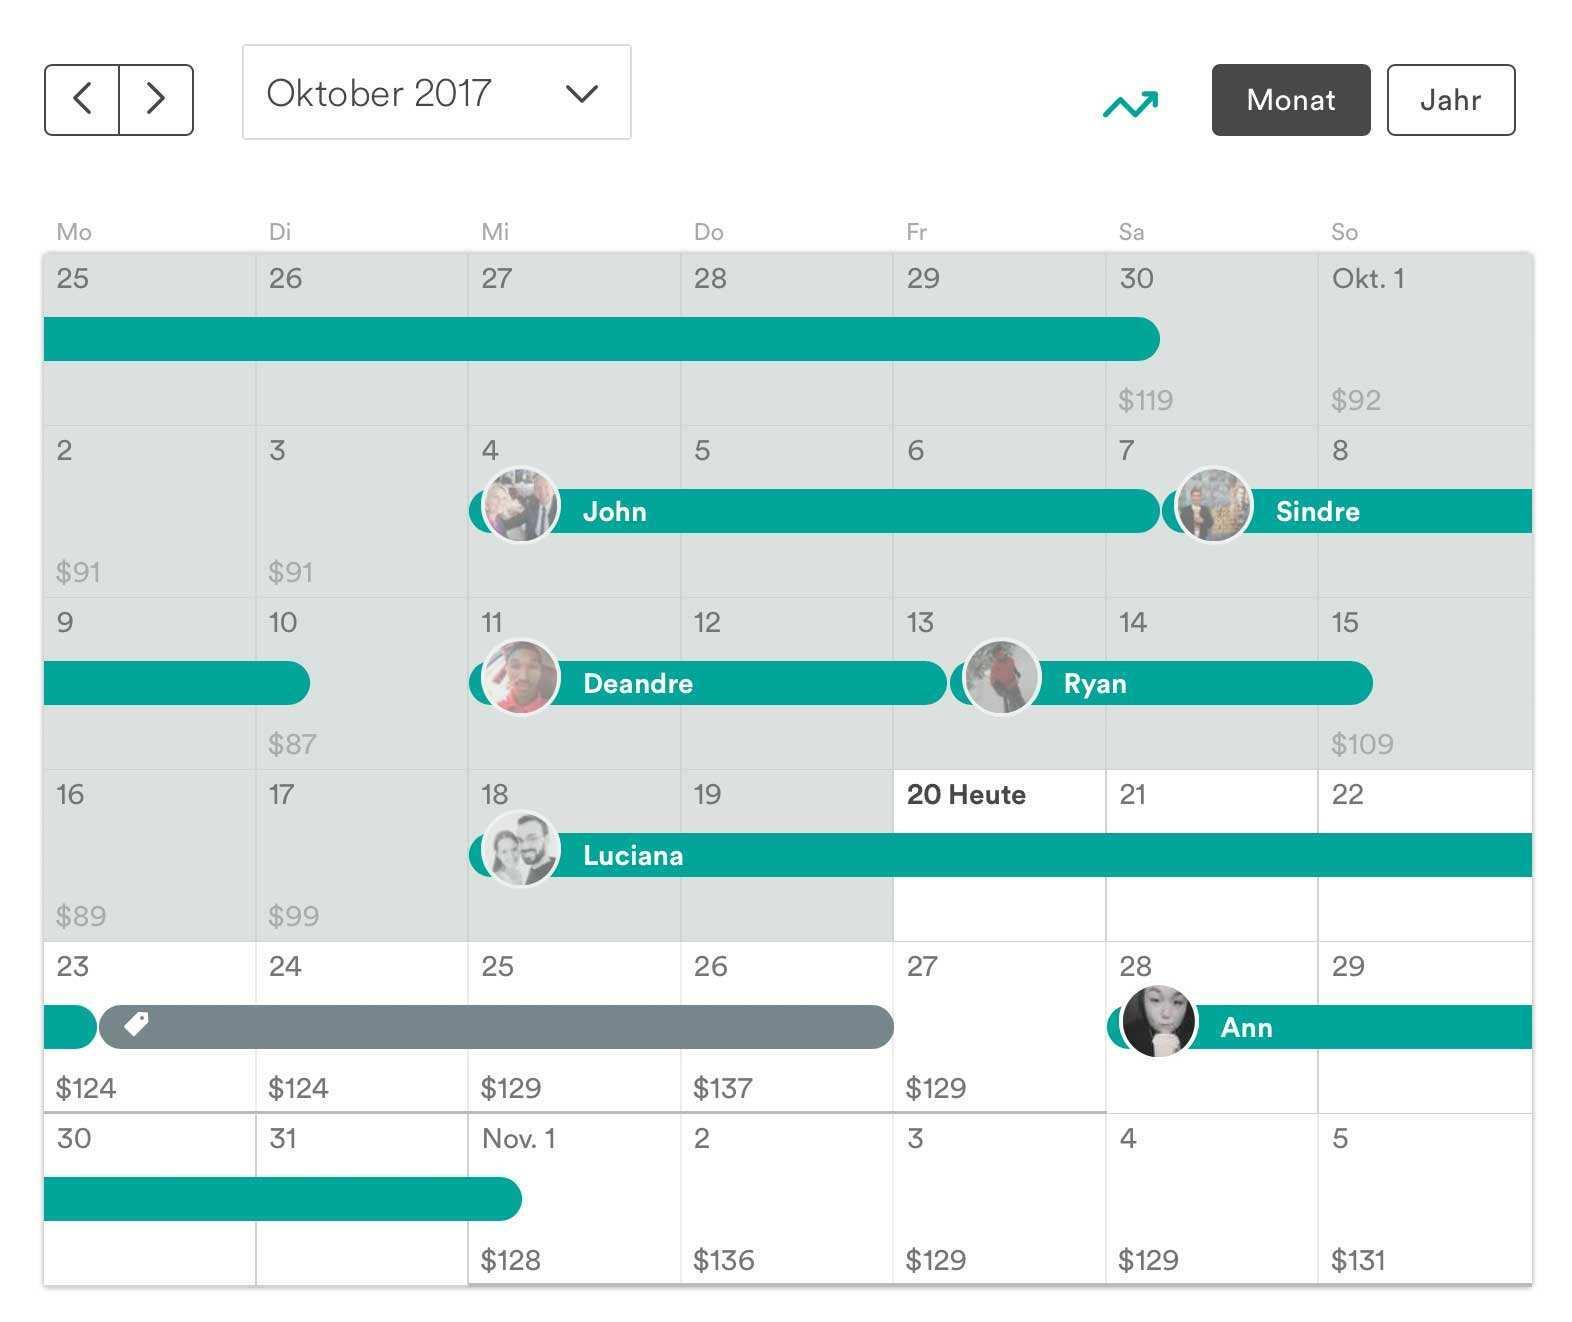 Airbnb Seo So Sicherst Du Dir Top Rankings In Der Airbnb Suche Trafficjunkies